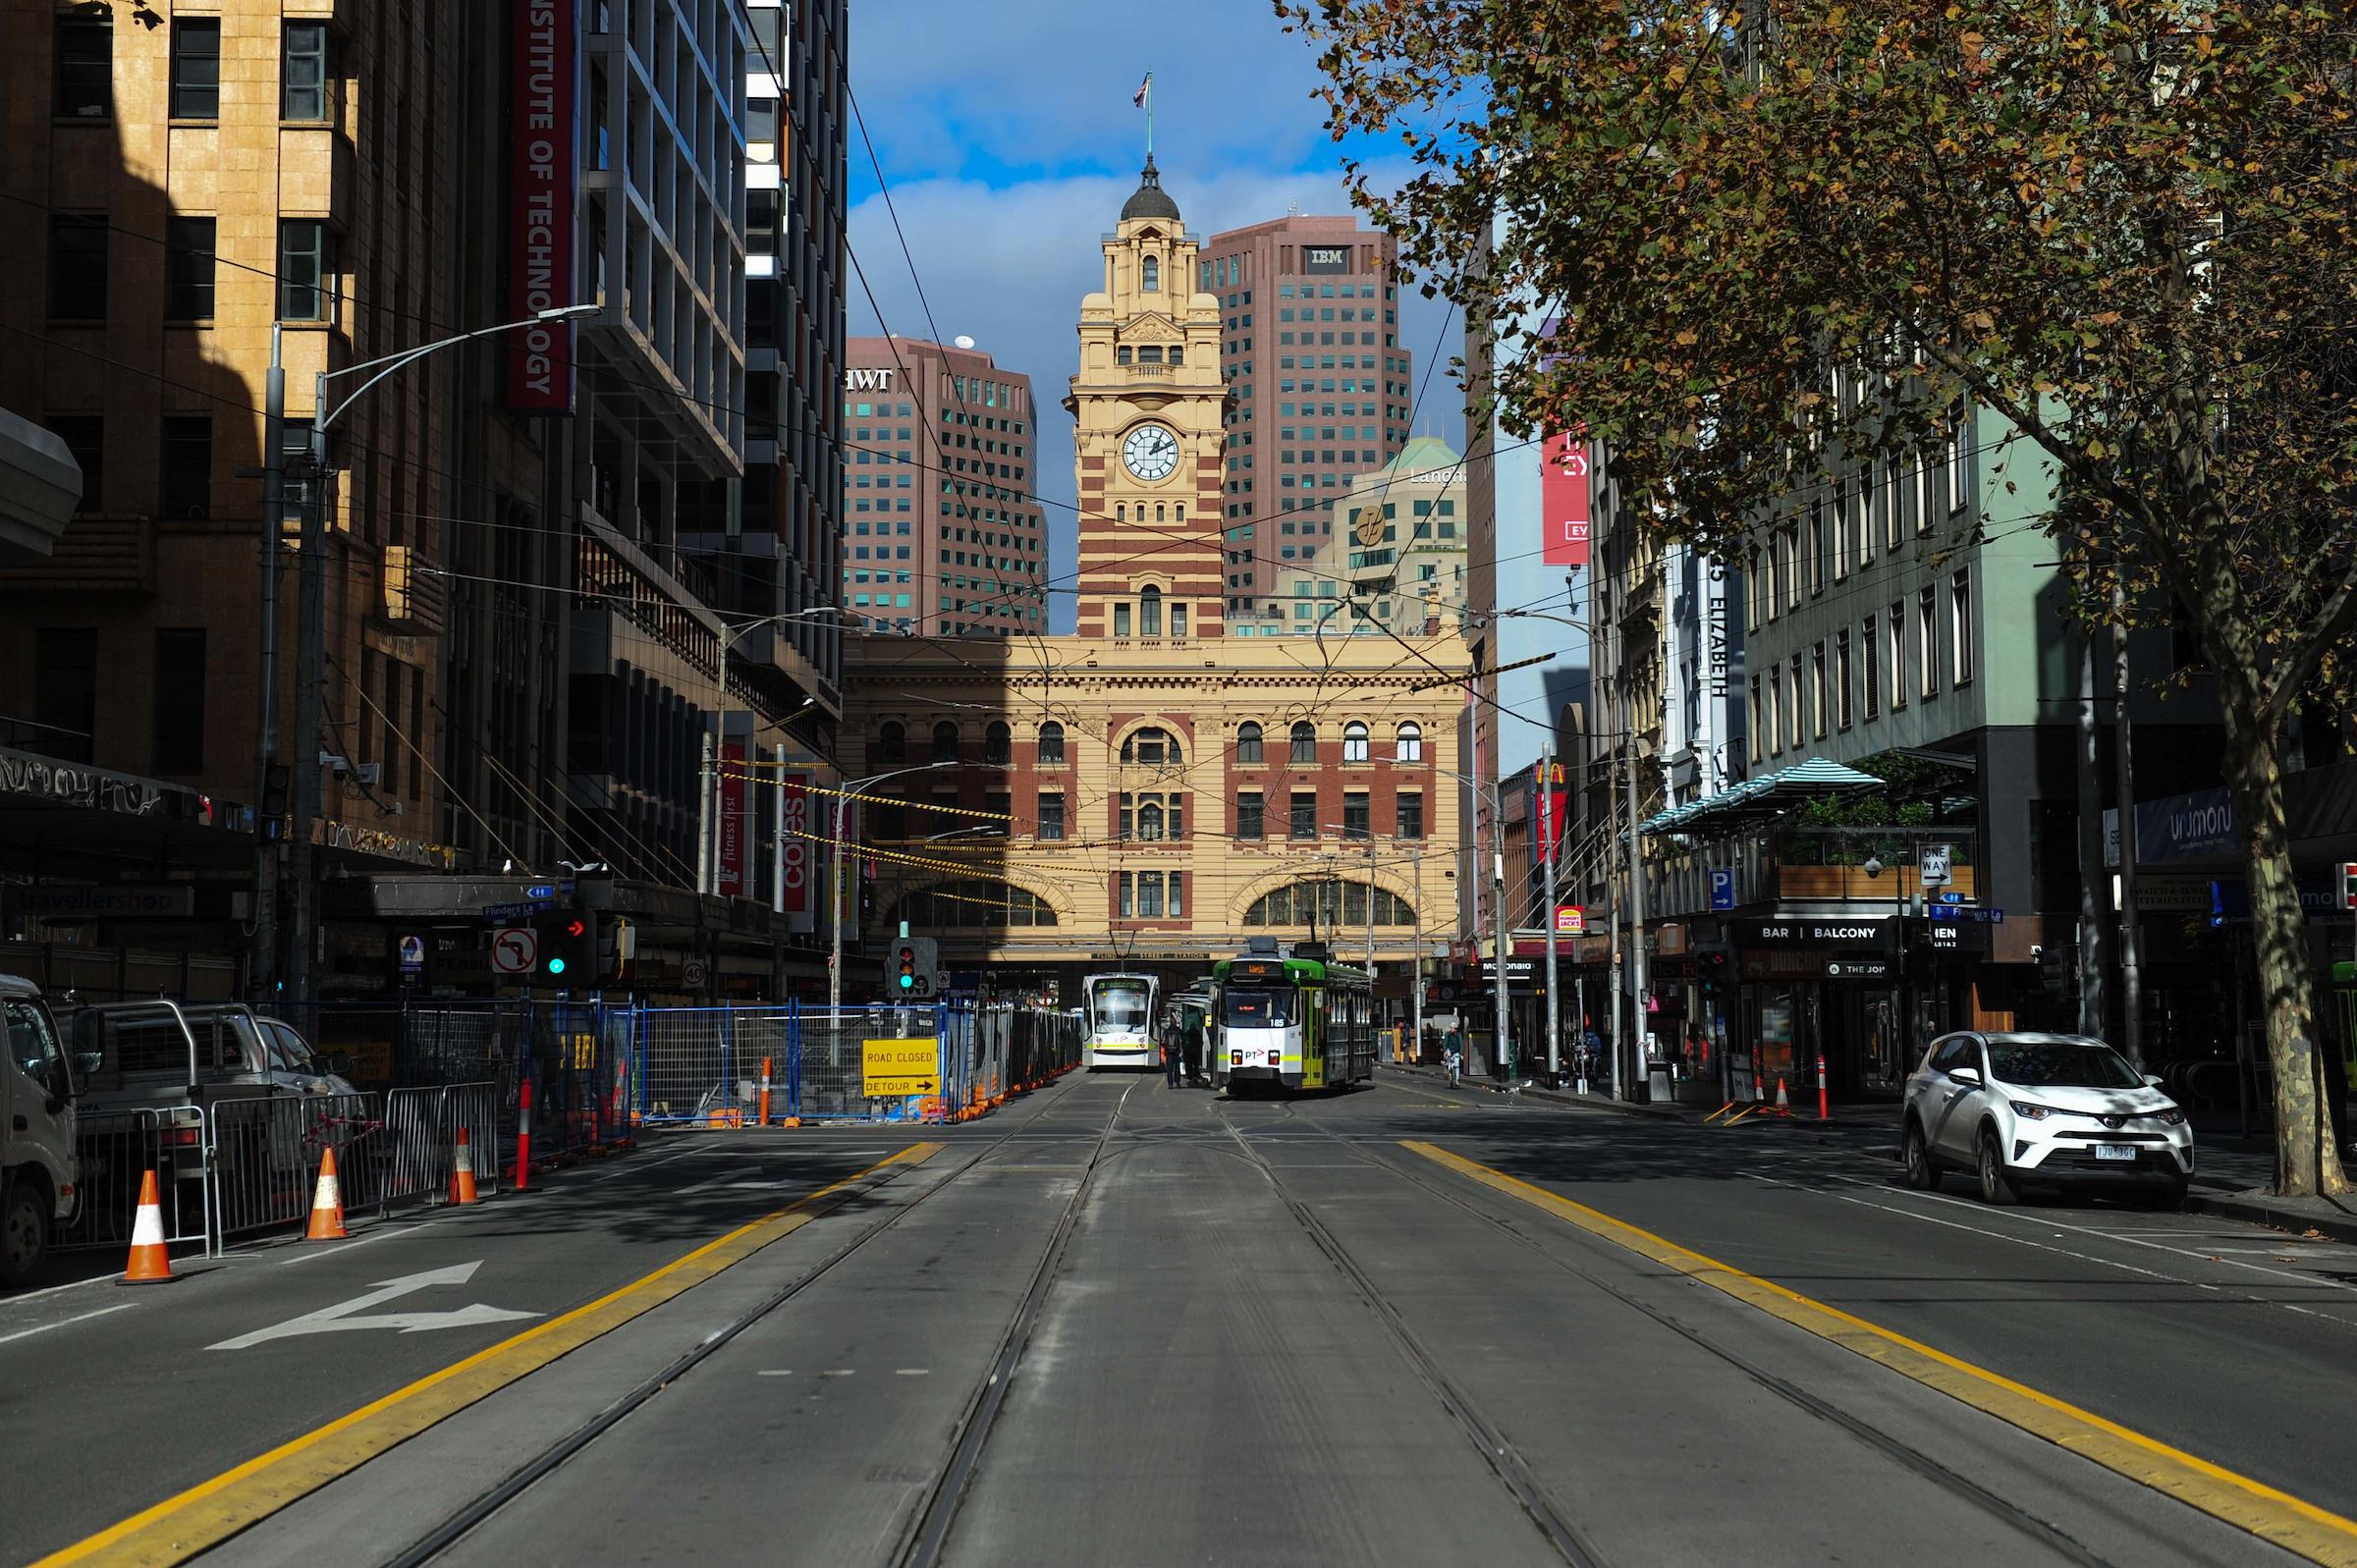 กลุ่มอุตสาหกรรม 'ออสเตรเลีย' ร้องรัฐบาลออกแผนเปิดพรมแดนที่ชัดเจน